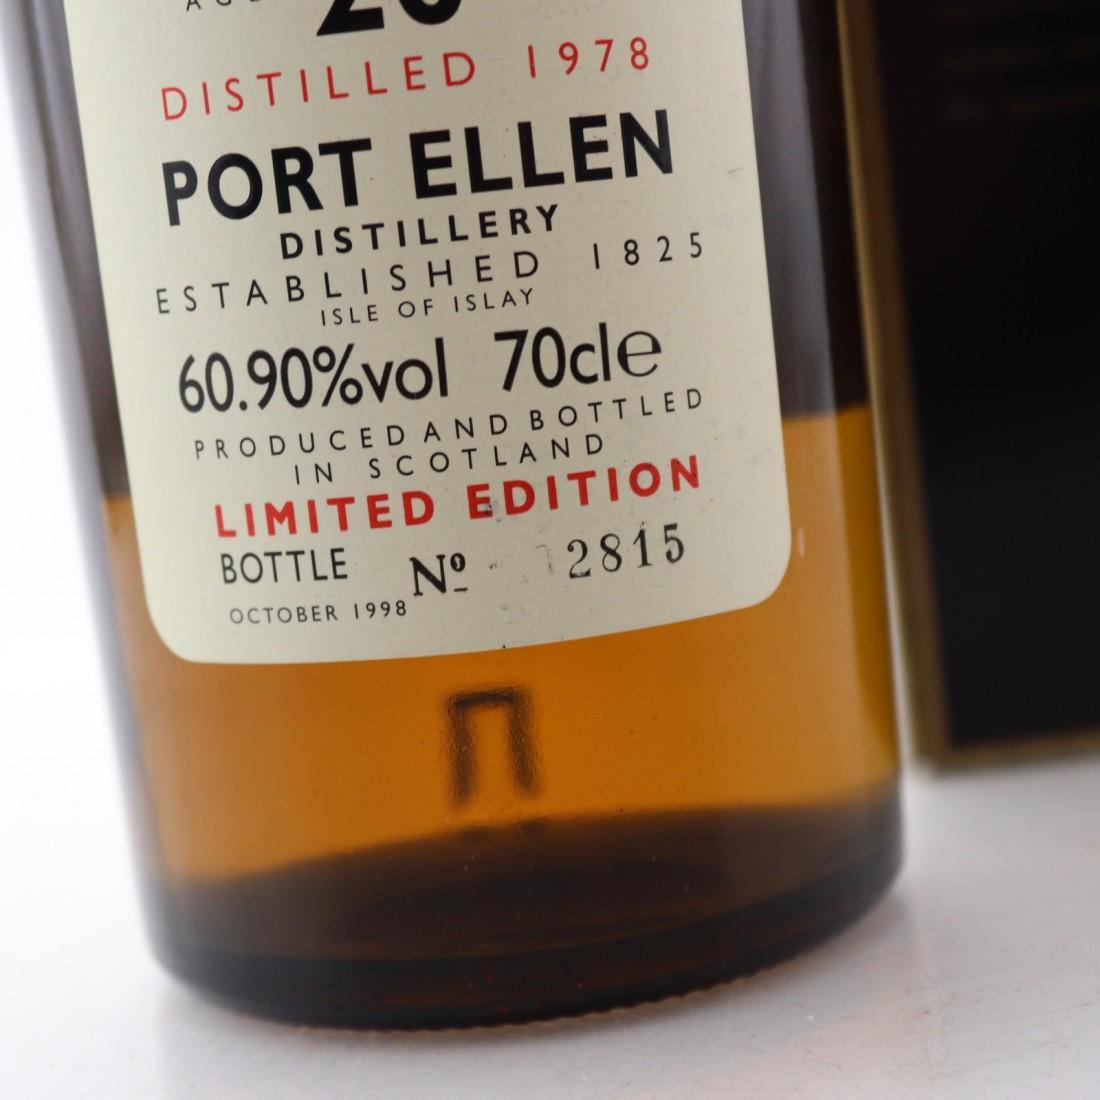 Port Ellen 1978 Rare Malt 20 Year Old / 60.90%